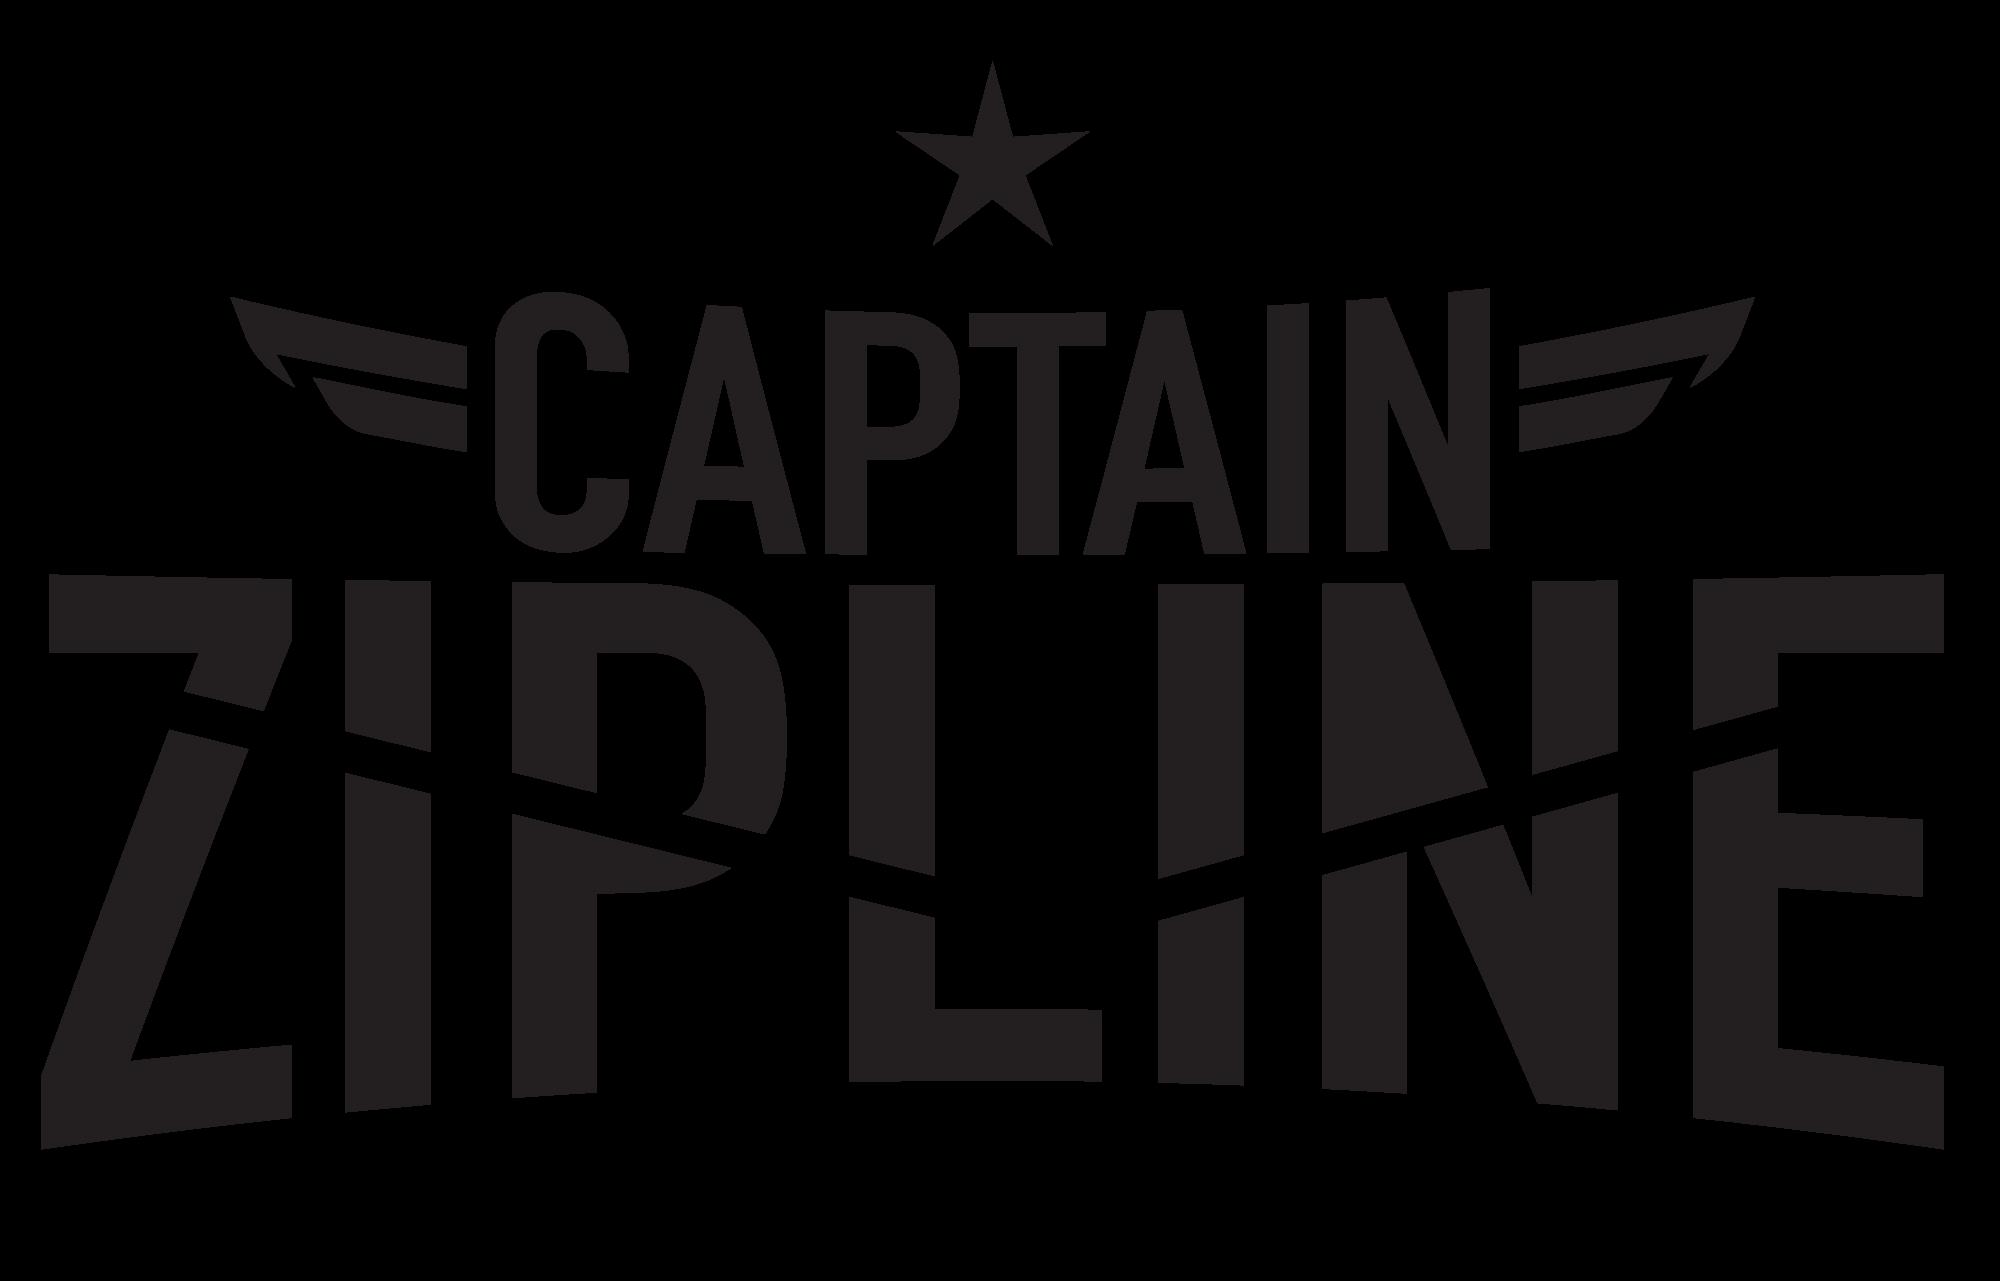 Captain Zipline